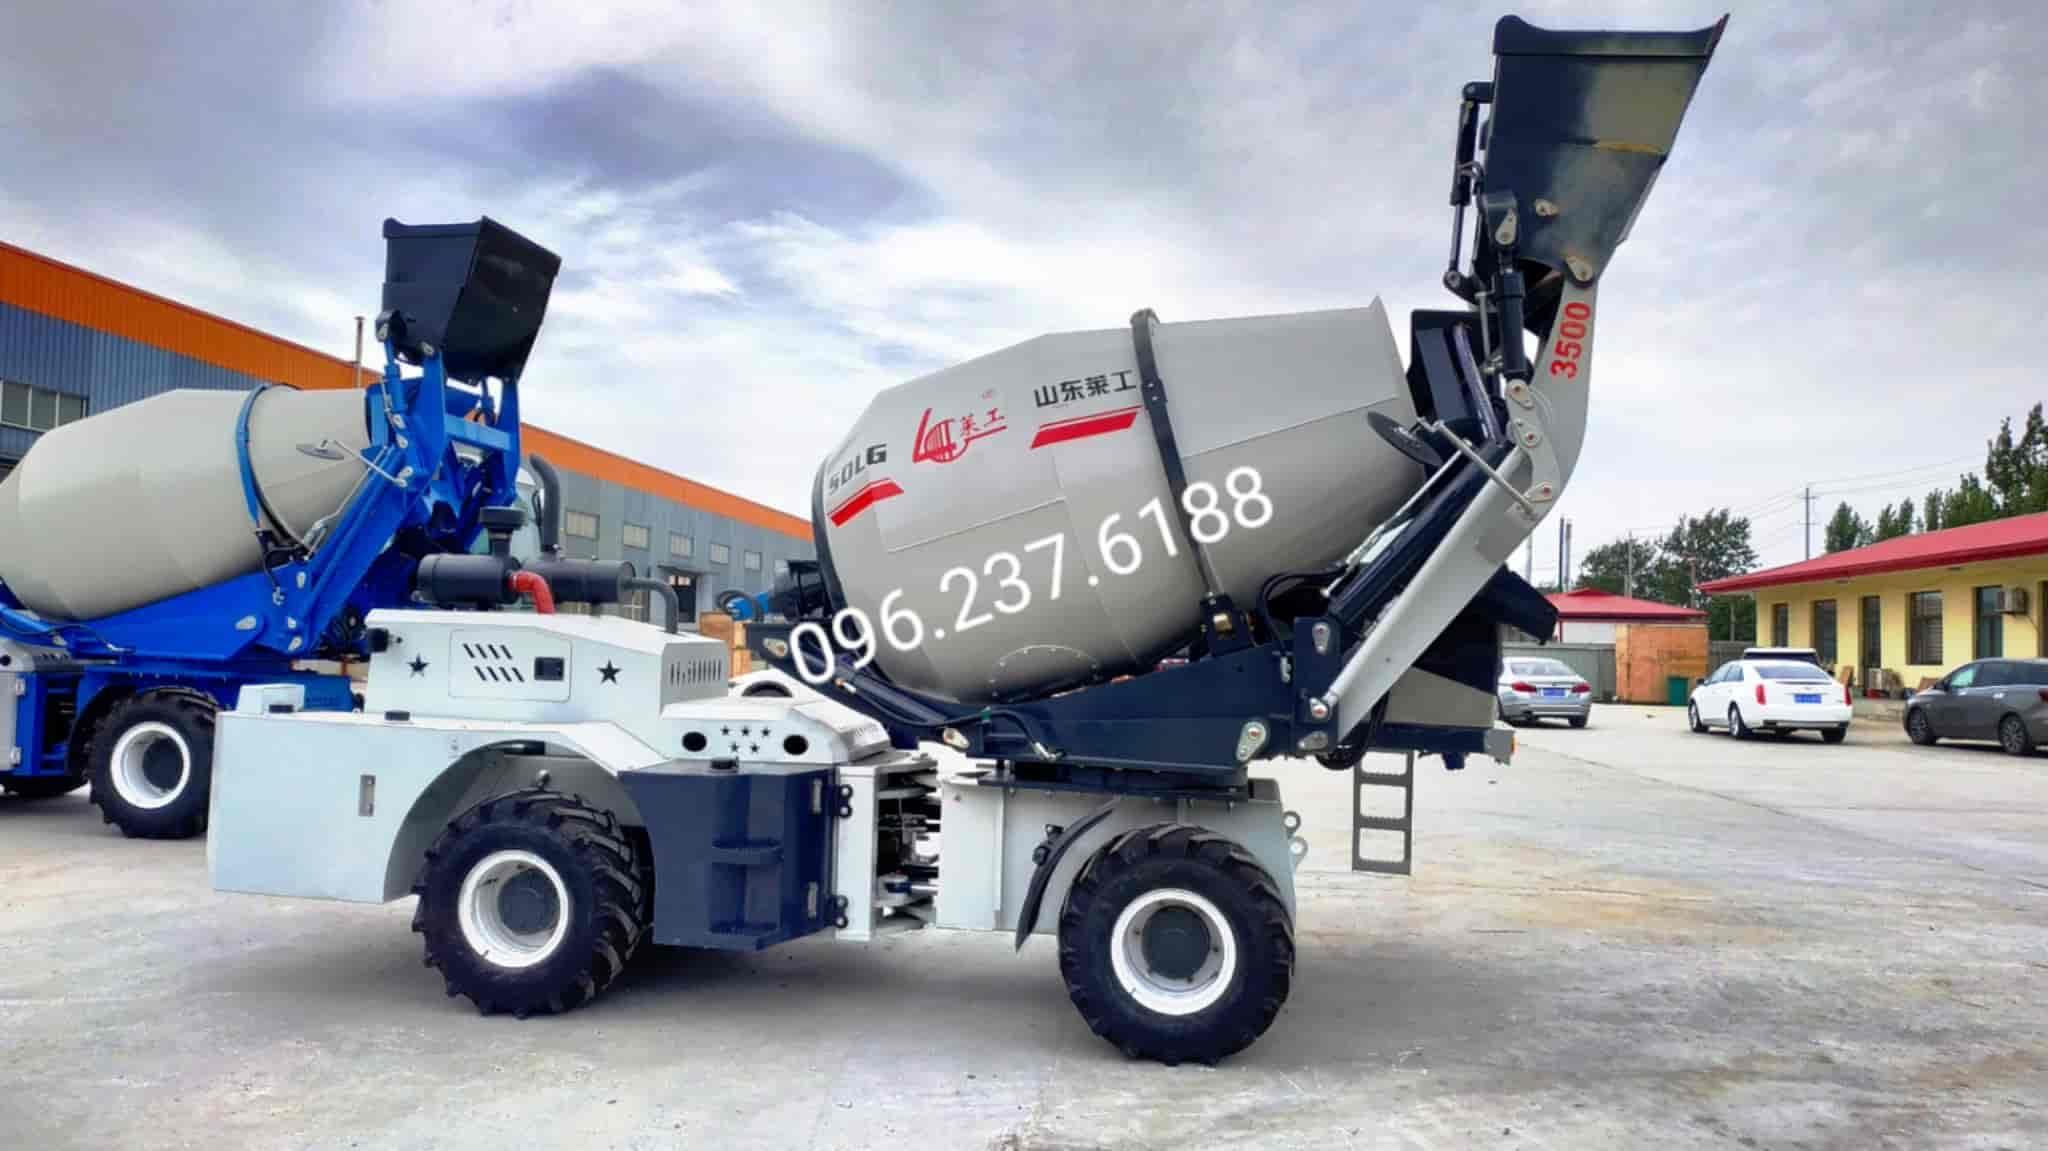 Xe trộn bê tông tự nạp liệu 3.5m3 Laigong H20